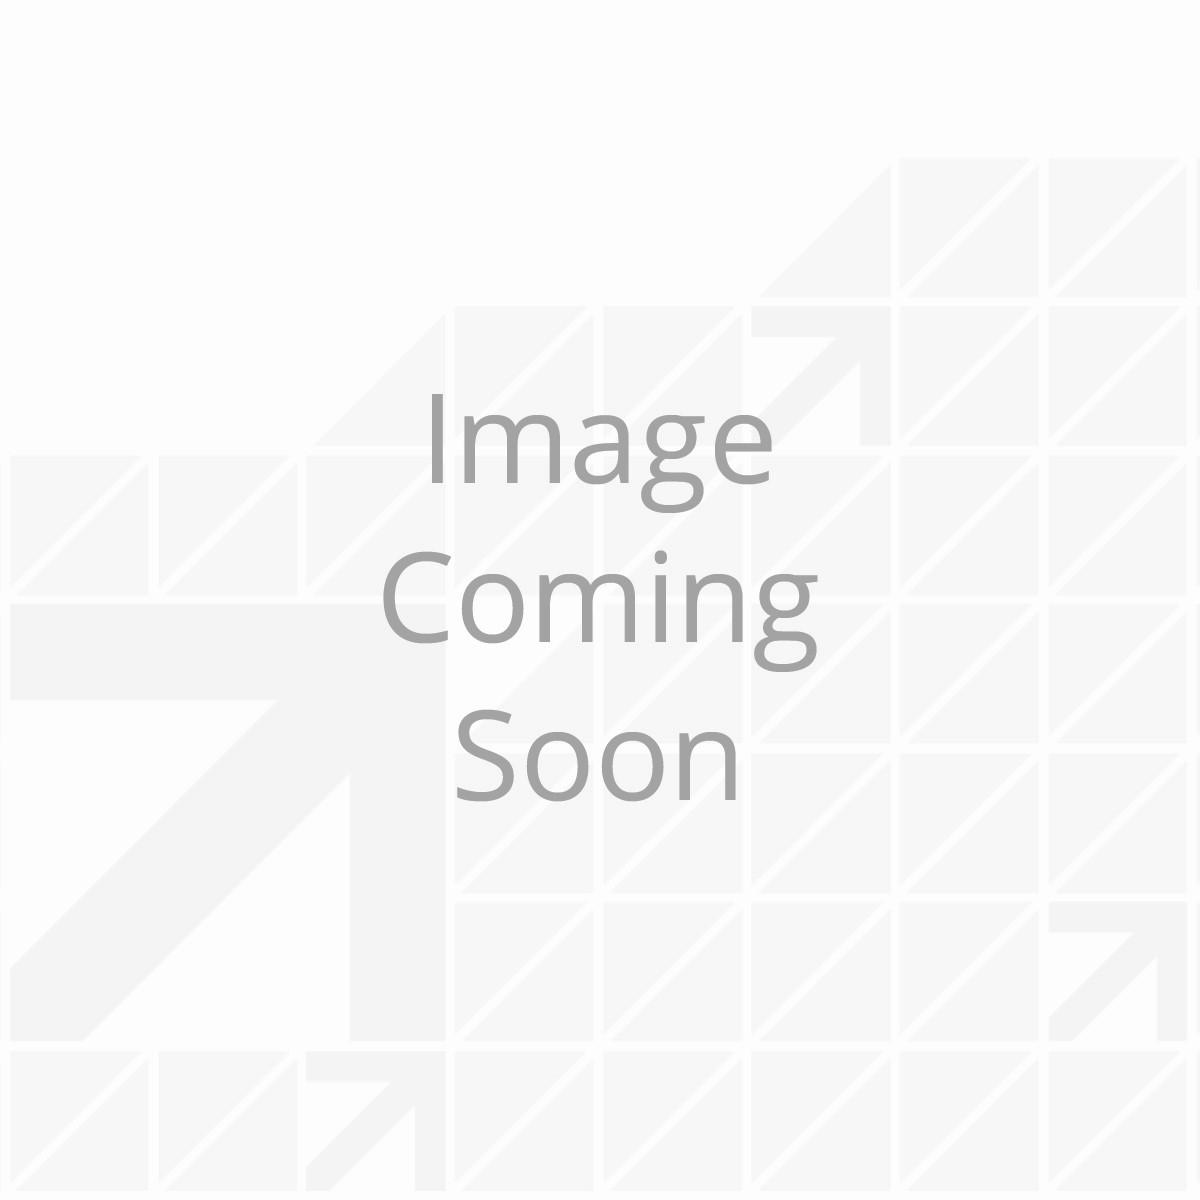 Men's Under Armour Charcoal Grey 1/4 Zip Pullover